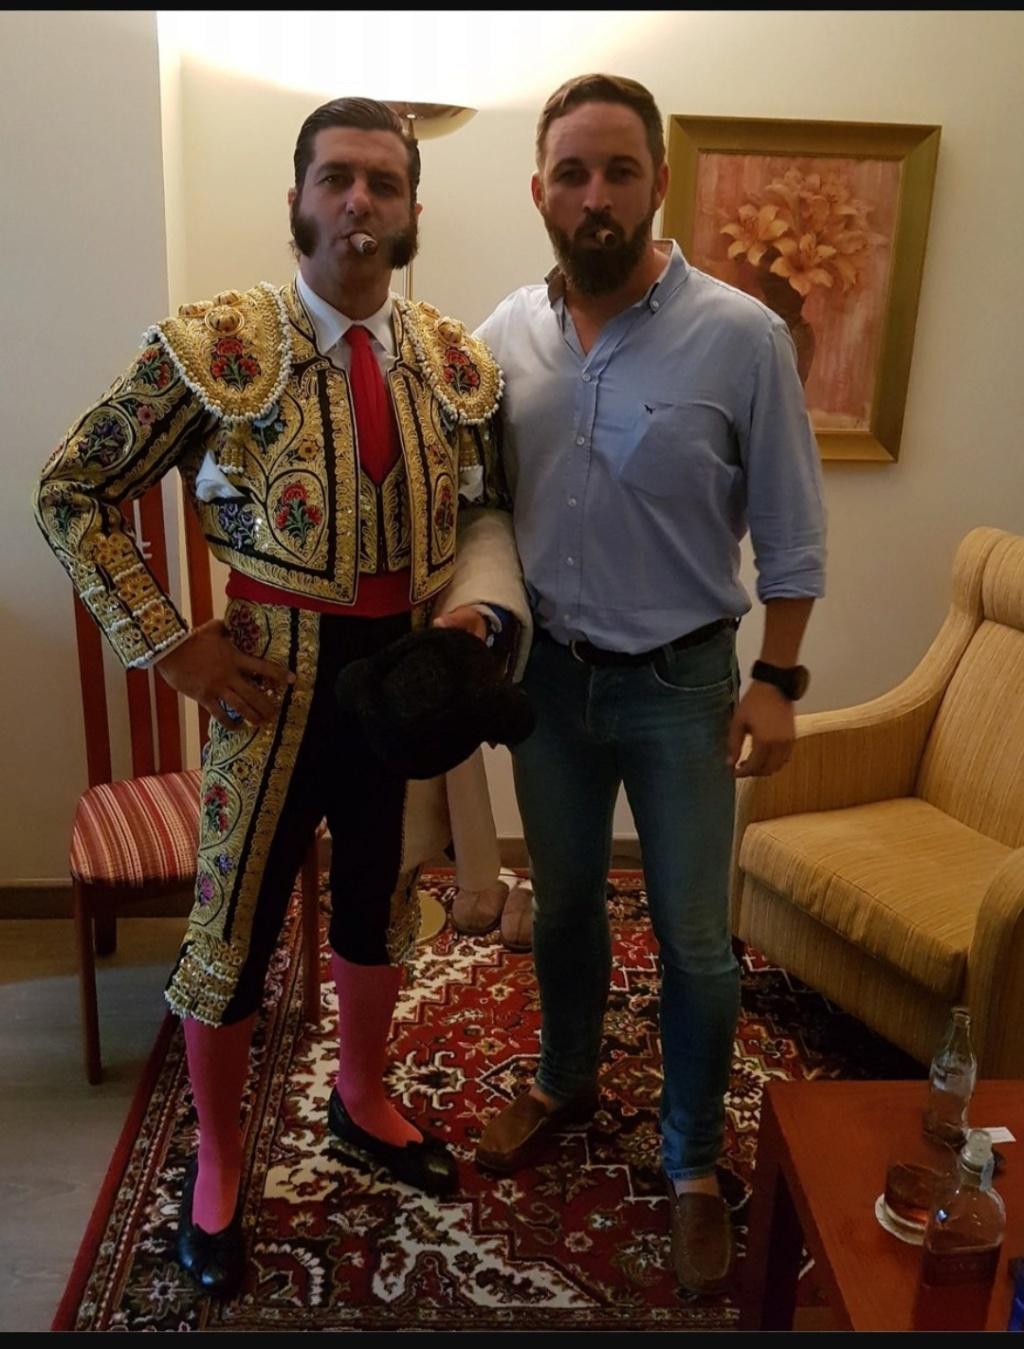 ¿Cuánto mide Santiago Abascal? - Estatura real: 1,80 - Página 8 Img_2128